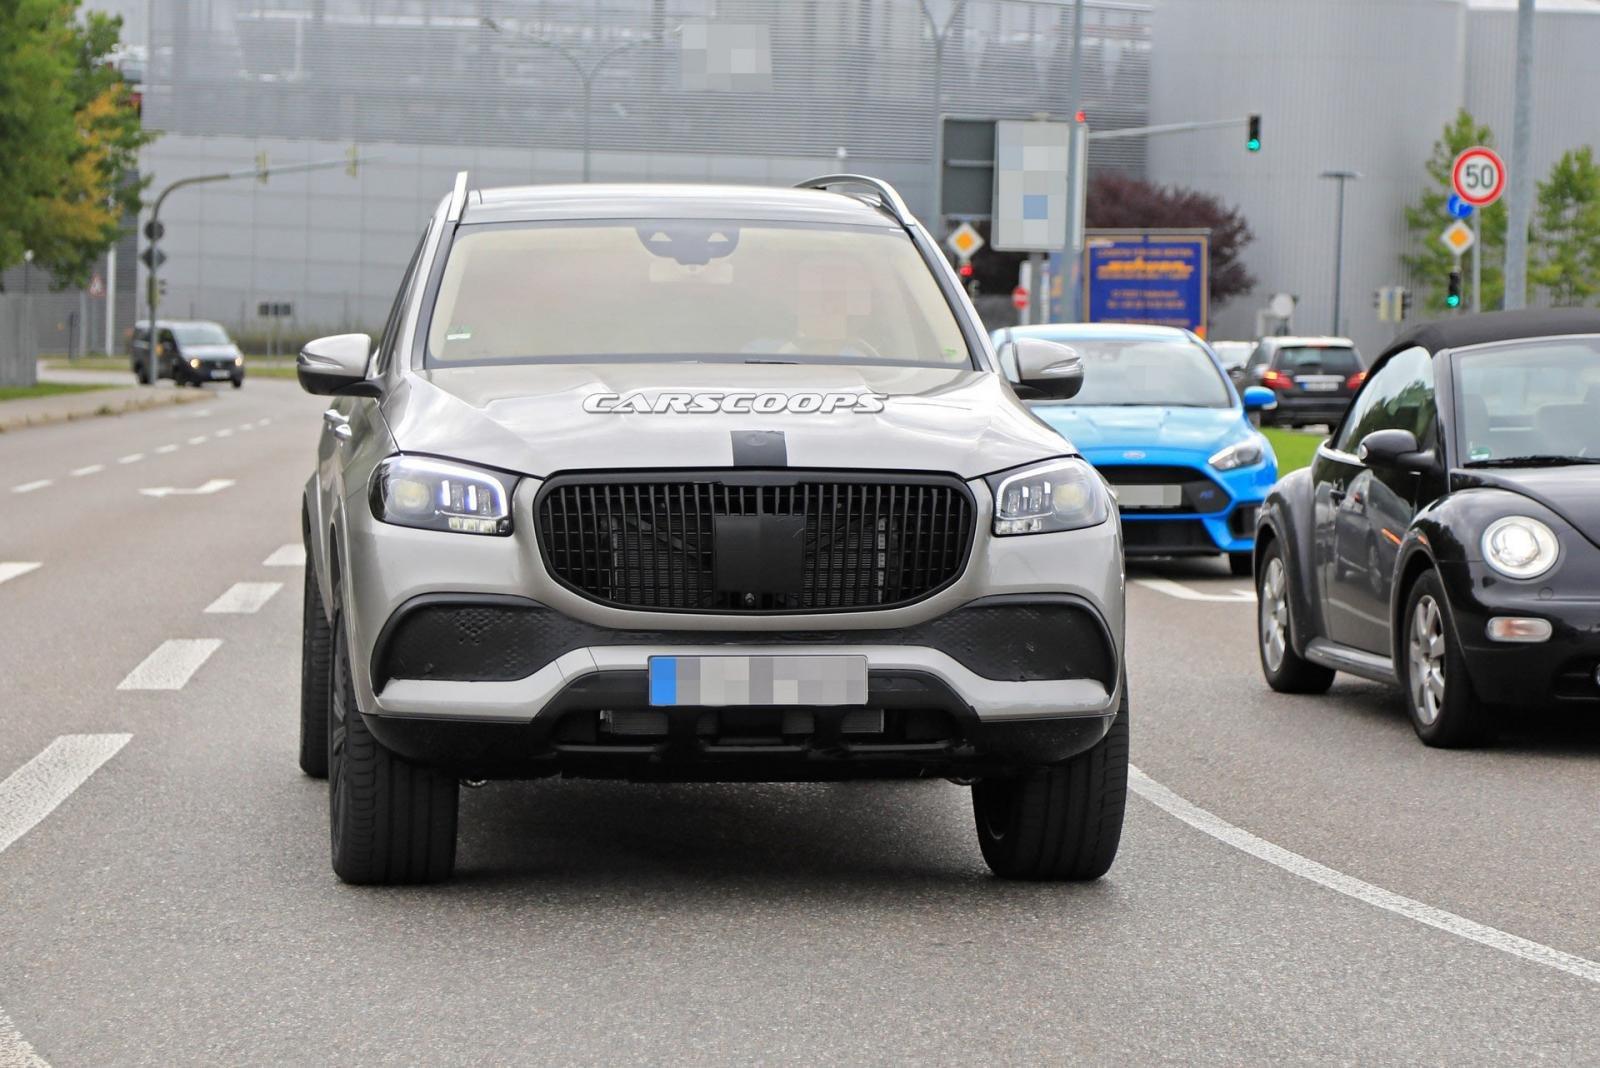 SUV đầu bảng Mercedes-Maybach GLS-Class 2020 xuất hiện không che chắn ngoài đường - Hình 1